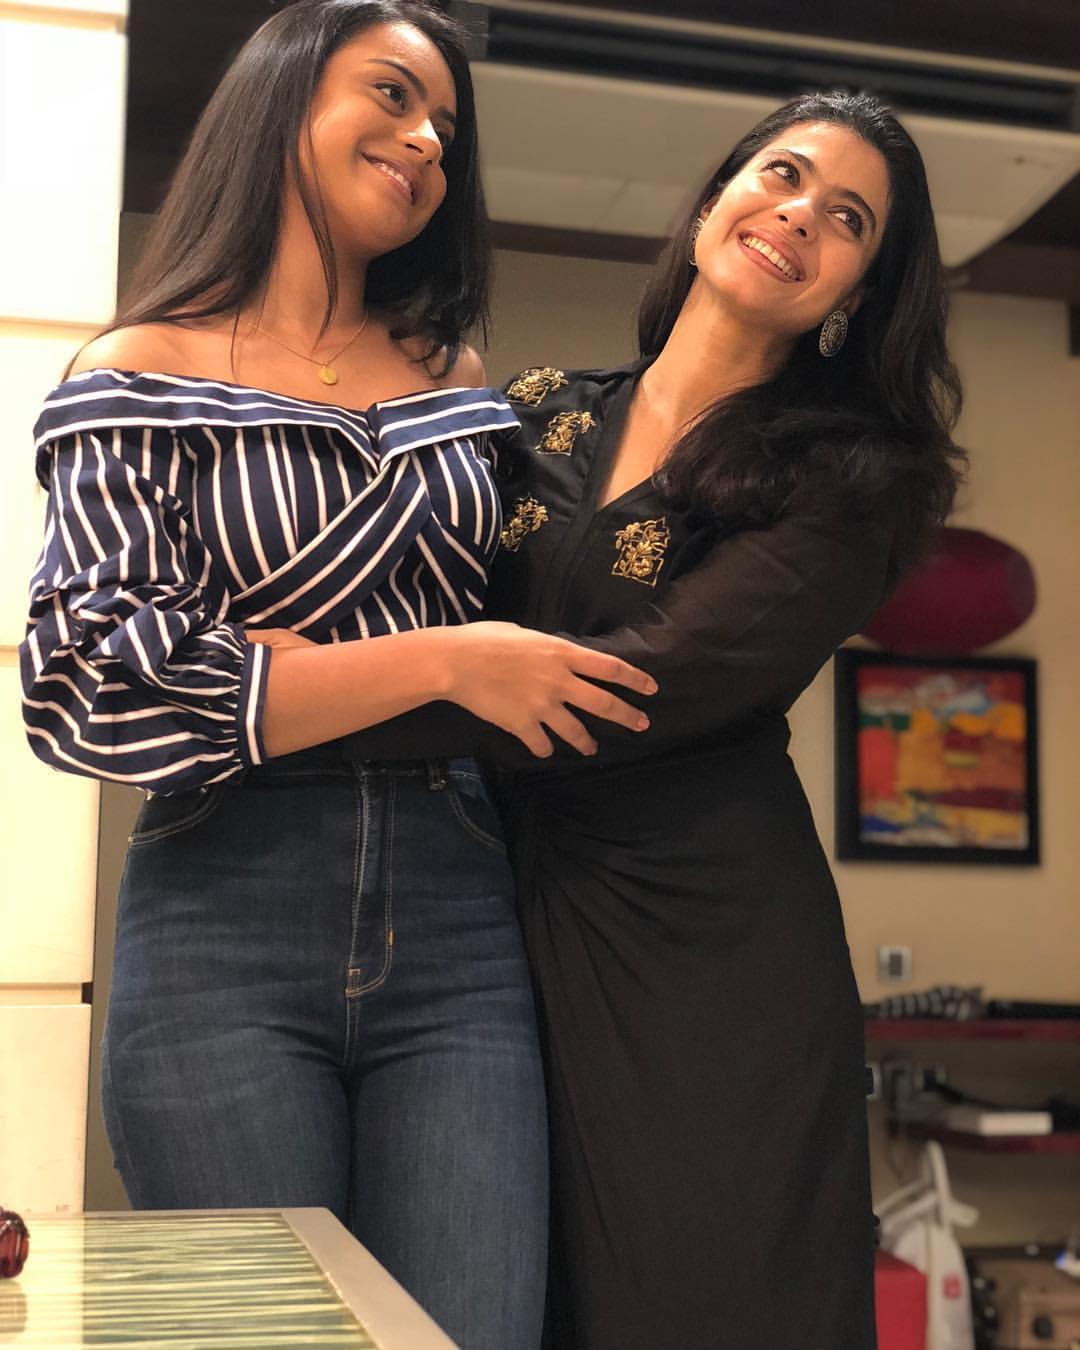 माँ से लव एडवाइस:एक टॉक शो में, काजोल ने हाल ही में उल्लेख किया है कि निसा हमेशा प्रेम सलाह के लिए उनके पास आएगी। अजय को एक सुरक्षात्मक पिता के रूप में उल्लेख करते हुए, काजोल ने साझा किया,